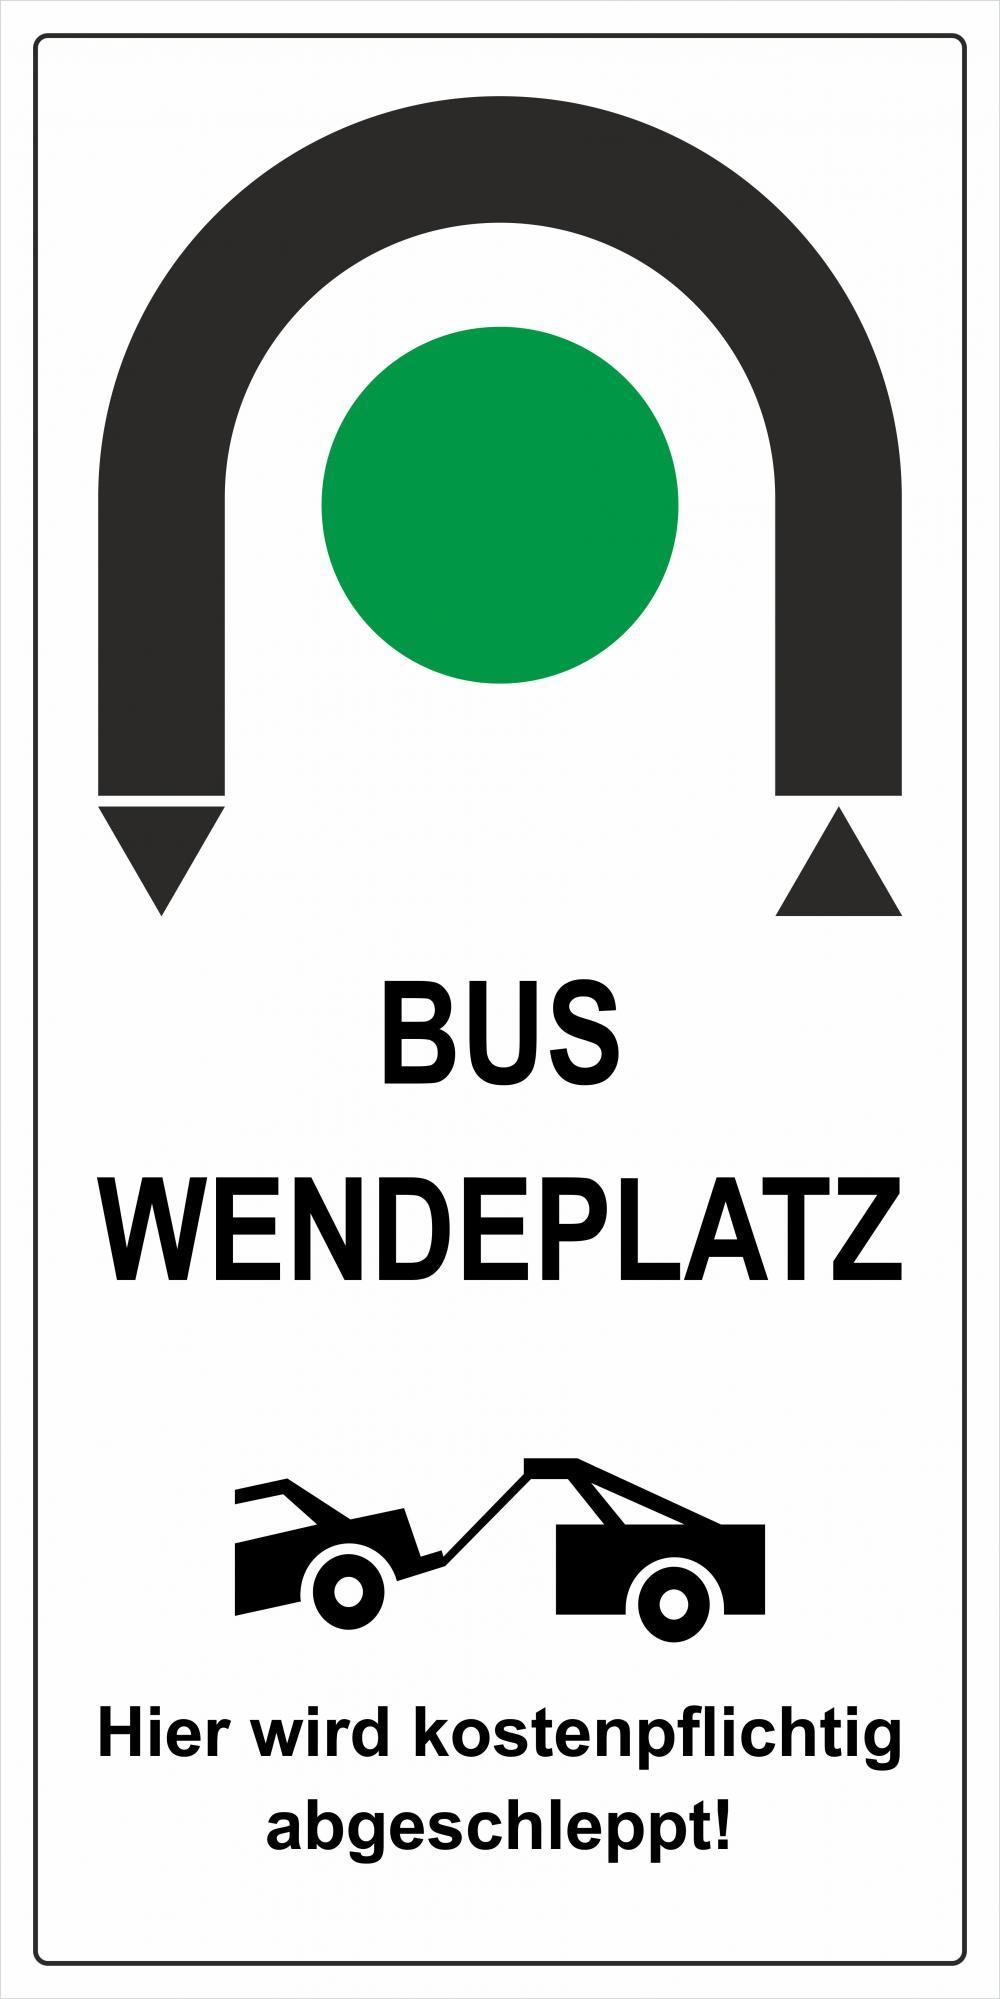 Buswendeplatz